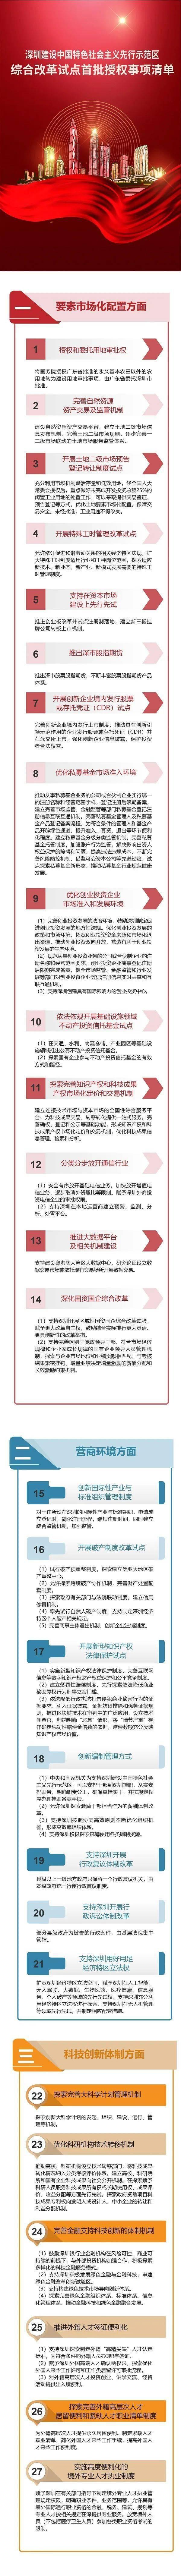 深圳建设中国特色社会主义先行示范区综合改革试点首批授权事项清单